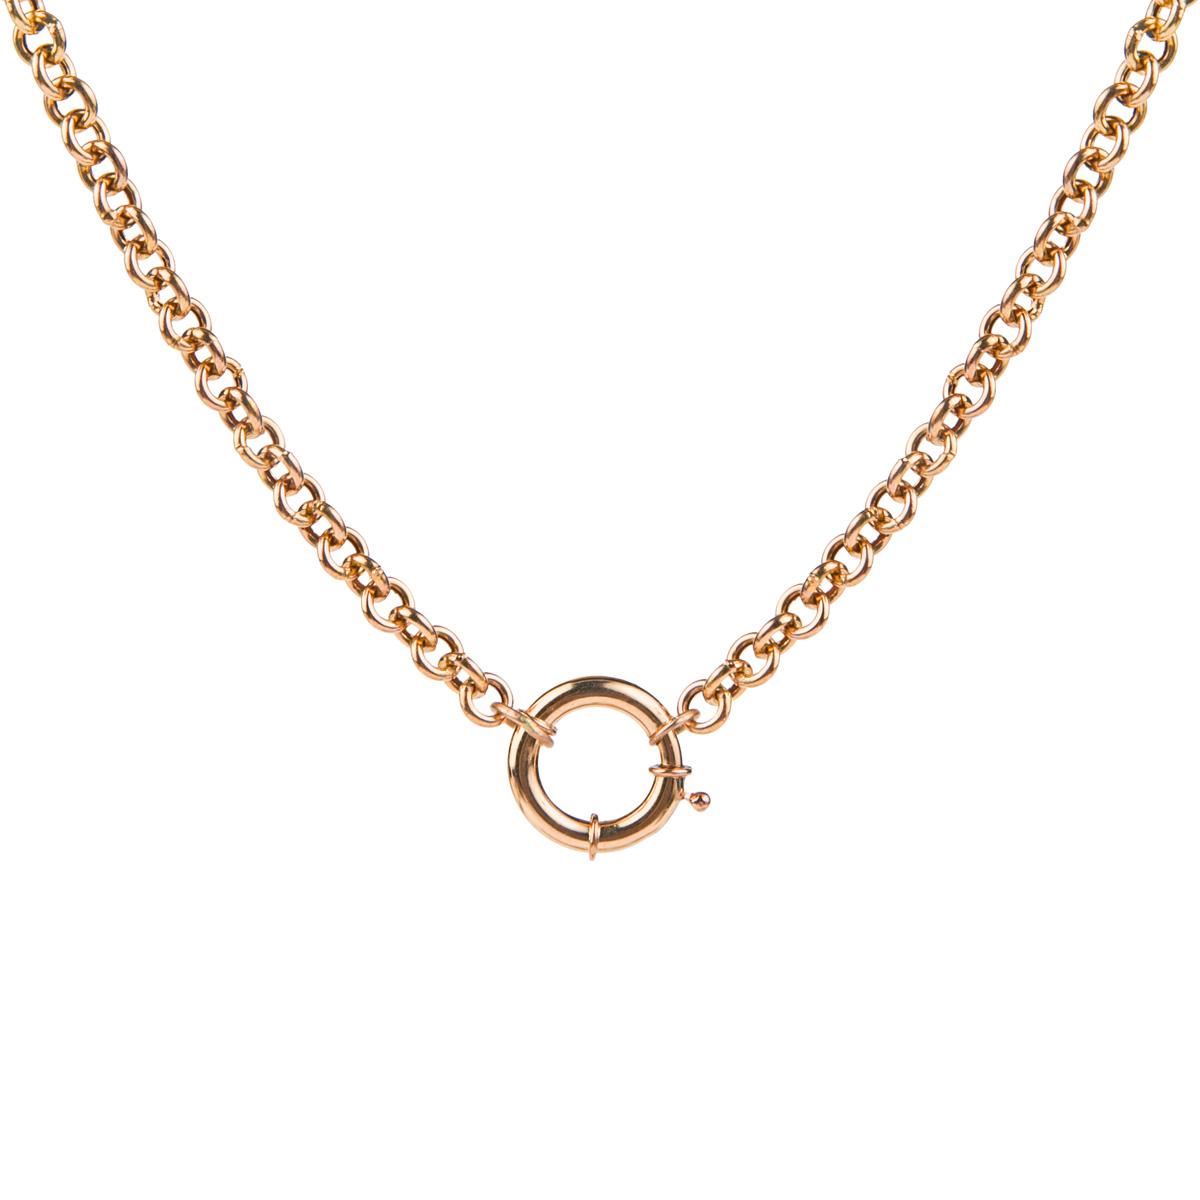 زنجیر طلا 18 عیار زنانه ریسه گالری مدل 5115